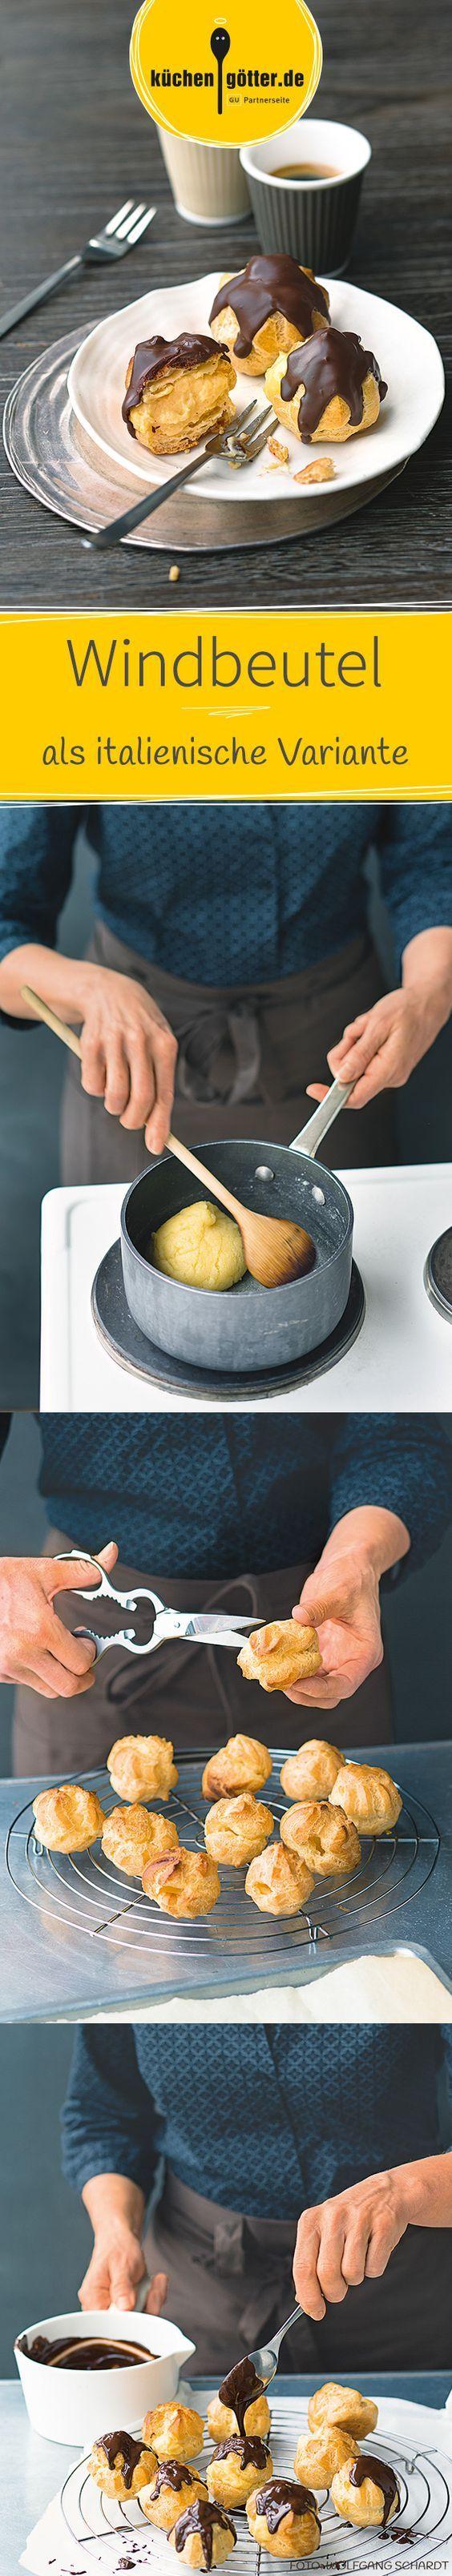 BIGNÈ ALLA CREMA - Unser Rezept für kleine Windbeutel mit Vanillecreme und Schokoüberzug passt perfekt zum Frühstückskaffee.